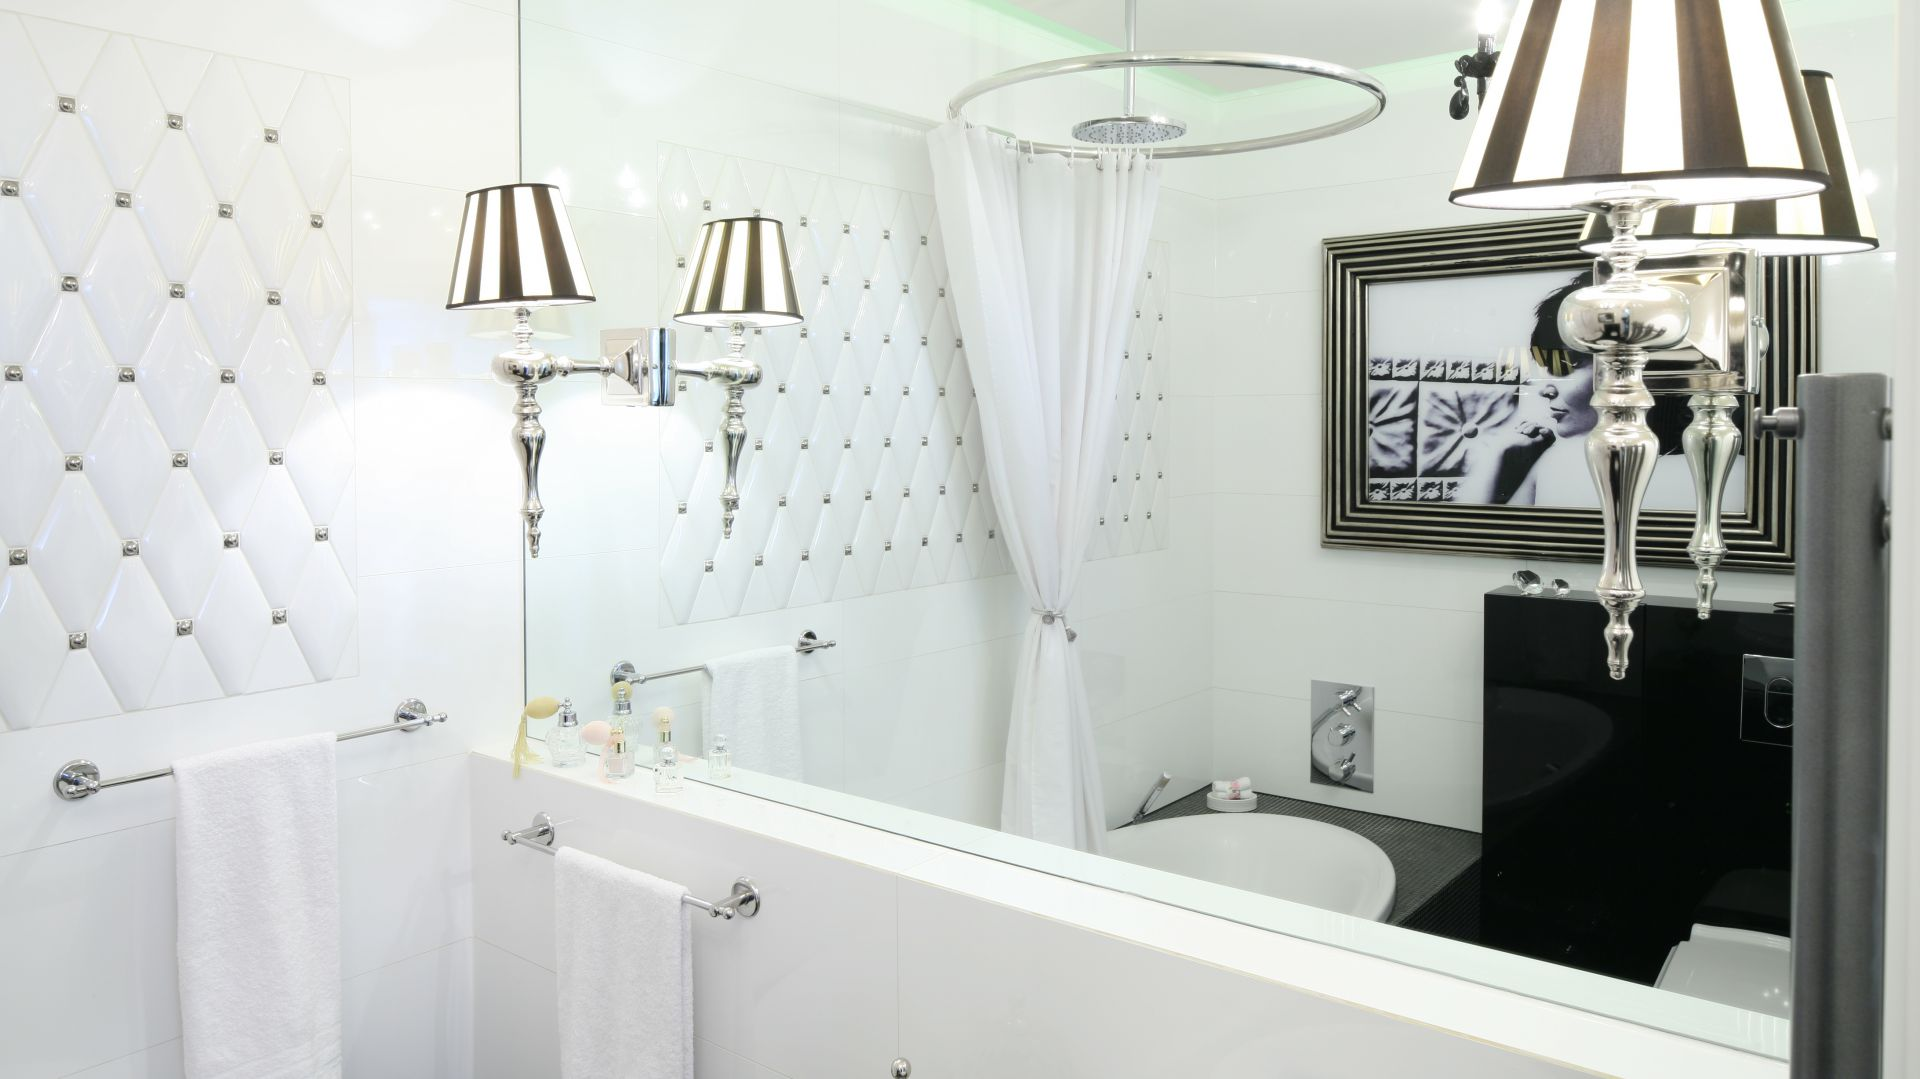 łazienka W Stylu Angielskim Zobacz Projekty Architektów